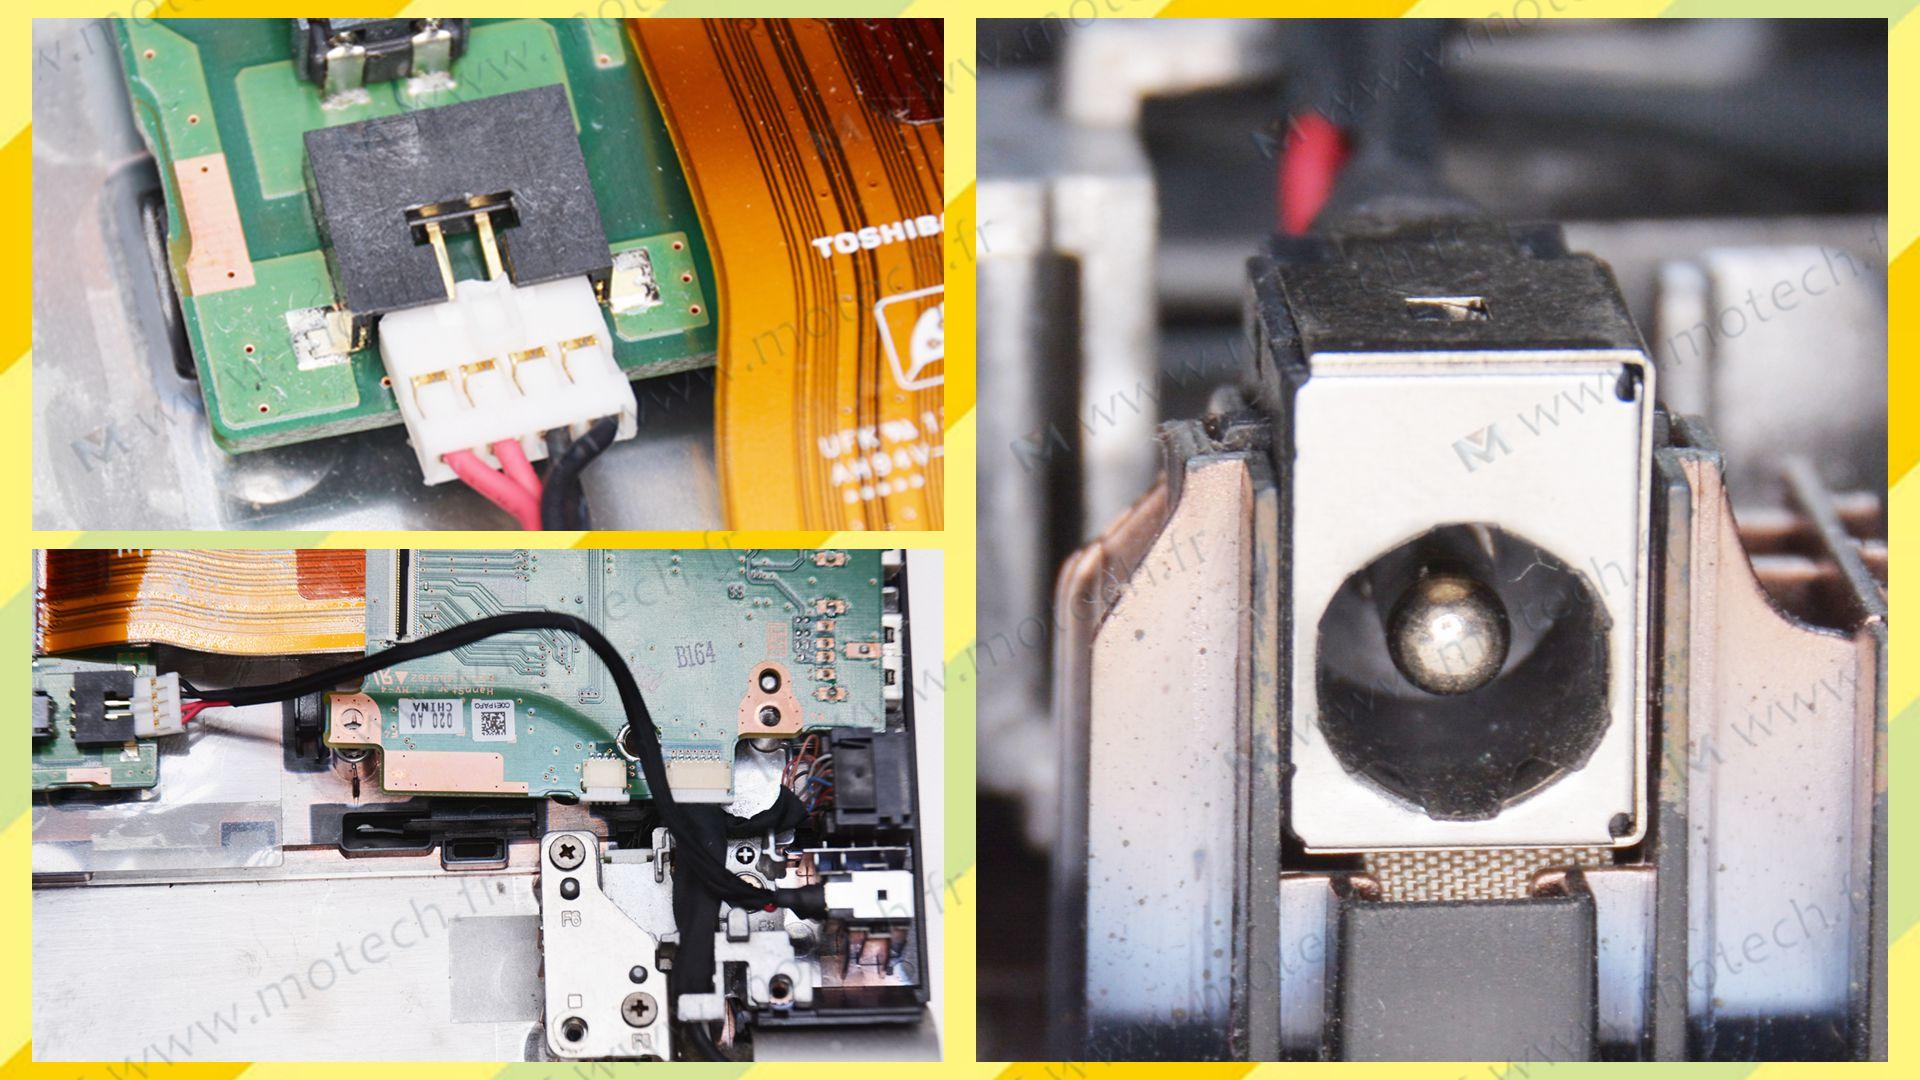 repair charging connector Toshiba A50-A-170, repair DC Power Jack Toshiba A50-A-170, repair DC IN Cable Toshiba A50-A-170, repair Jack socket Toshiba A50-A-170, repair plug Toshiba A50-A-170, repair DC Alimantation Toshiba A50-A-170, replace charging connector Toshiba A50-A-170, replace DC Power Jack Toshiba A50-A-170, replace DC IN Cable Toshiba A50-A-170, replace Jack socket Toshiba A50-A-170, replace plug Toshiba A50-A-170, replace DC Alimantation Toshiba A50-A-170,